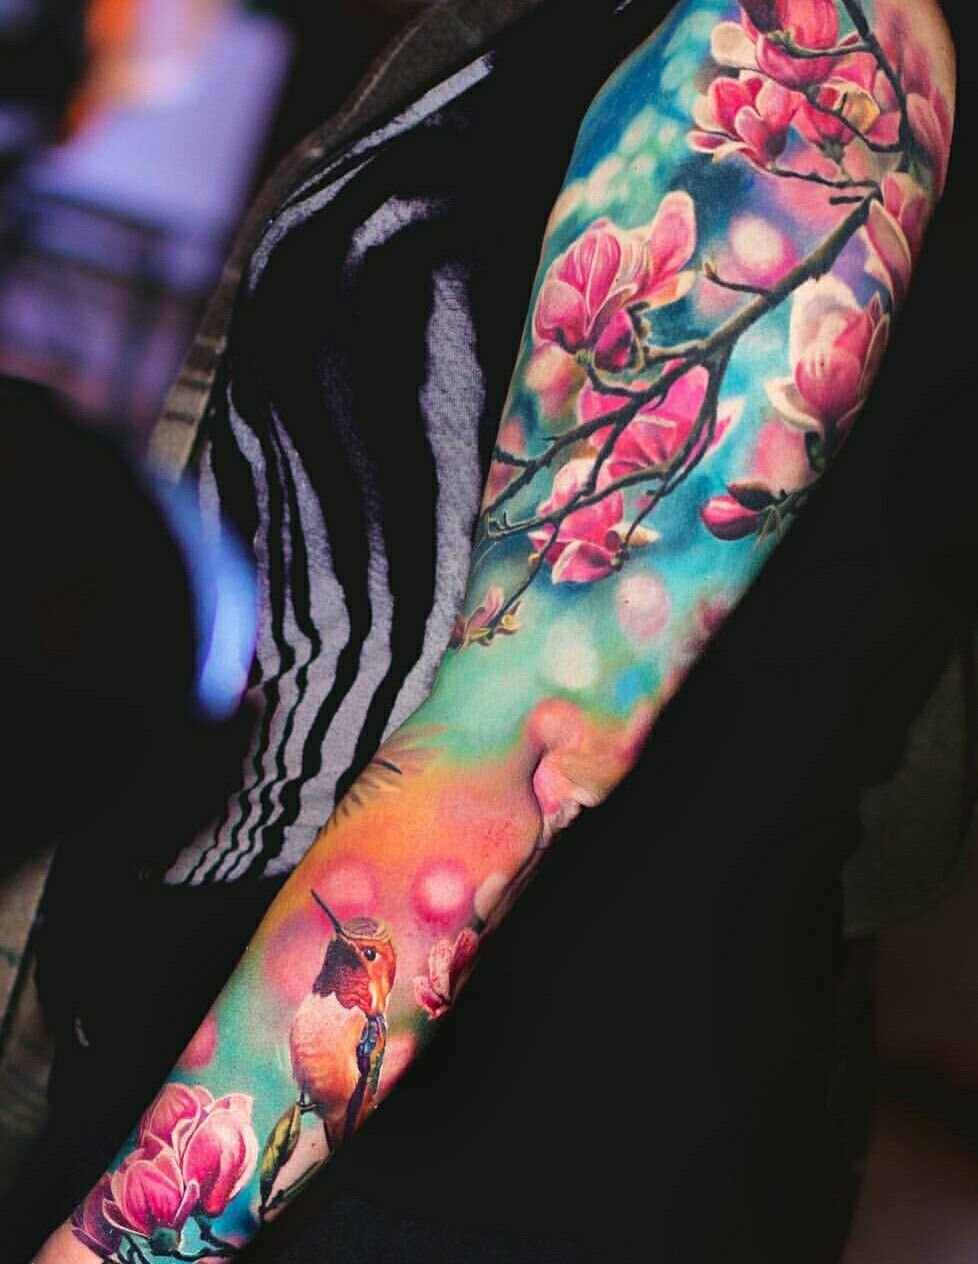 Pin by debbie bowen on tattoos pinterest tattoo tatting and tatoo